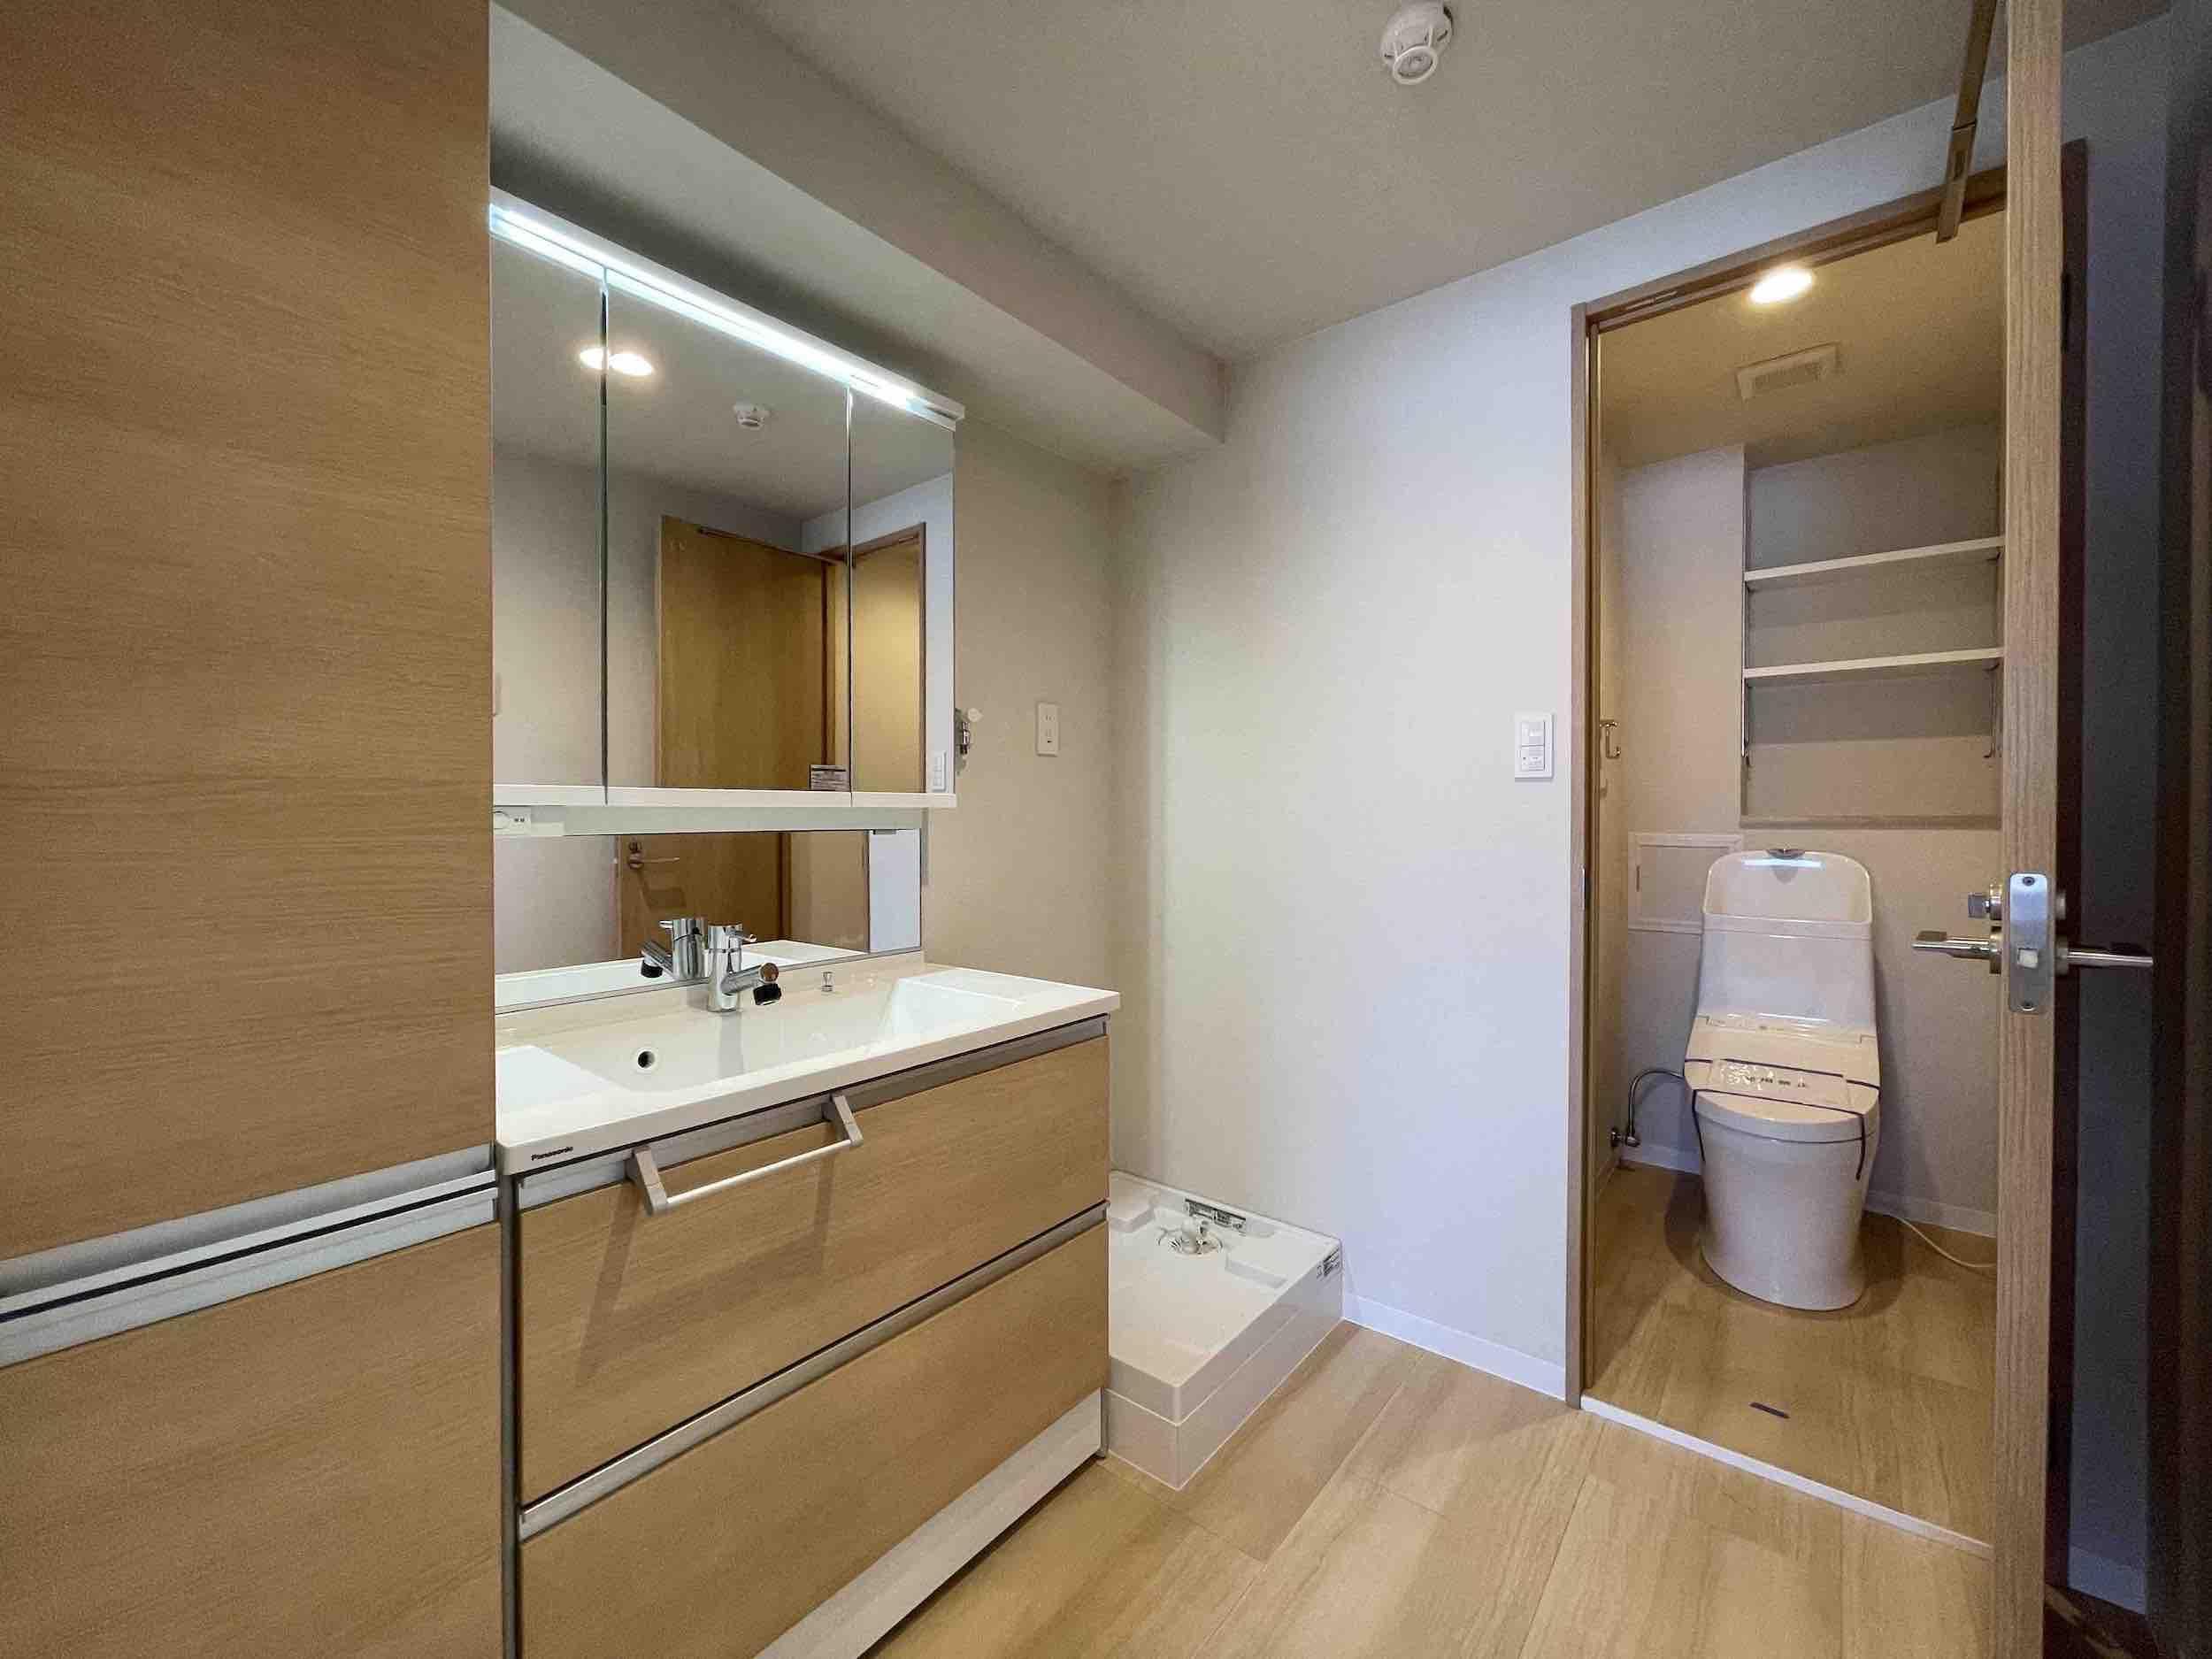 水回りもすべて新品。トイレへは洗面ルームを通ります。